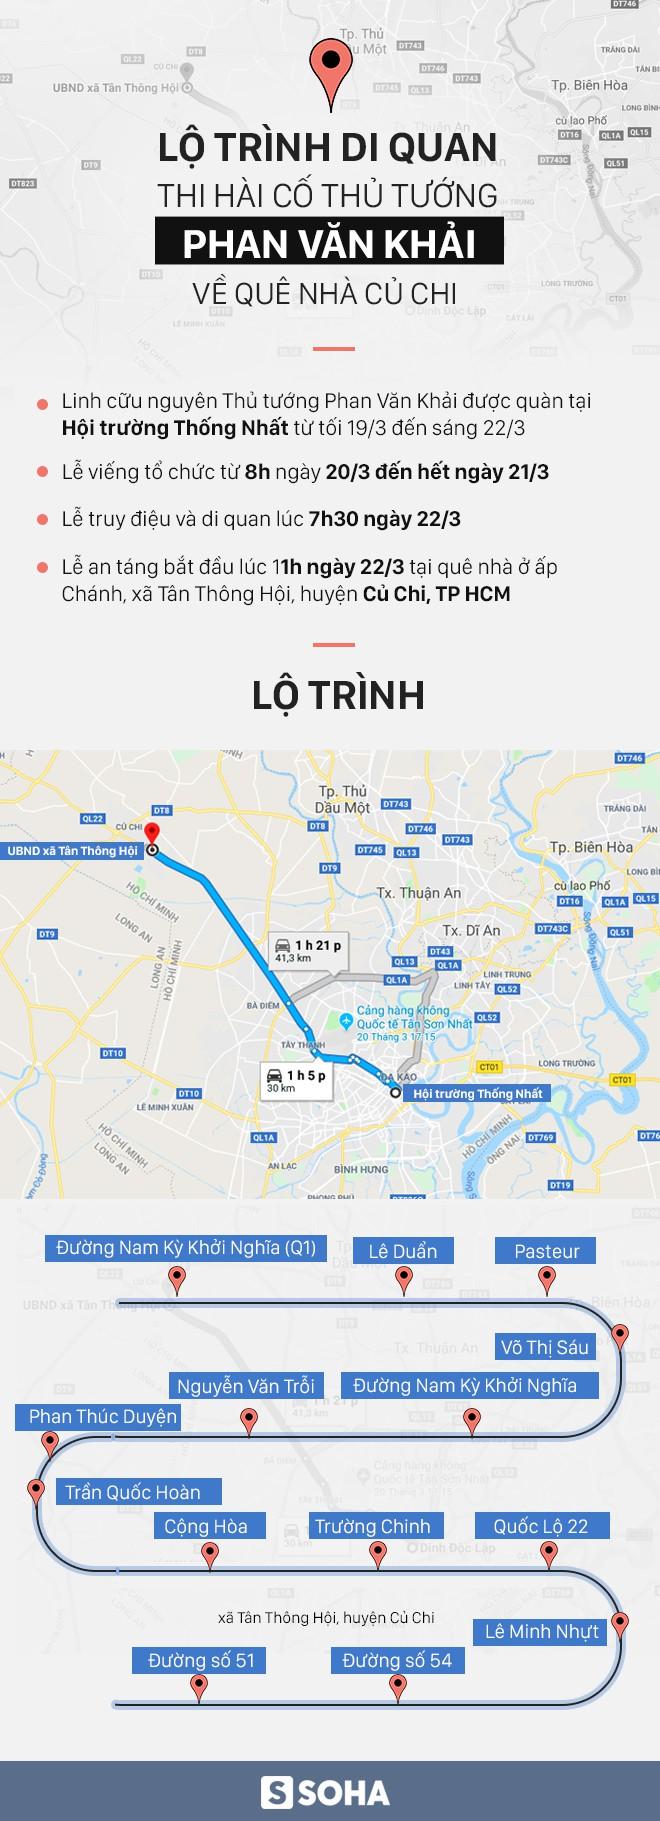 Lộ trình di quan thi hài cố Thủ tướng Phan Văn Khải về quê nhà Củ Chi - Ảnh 1.